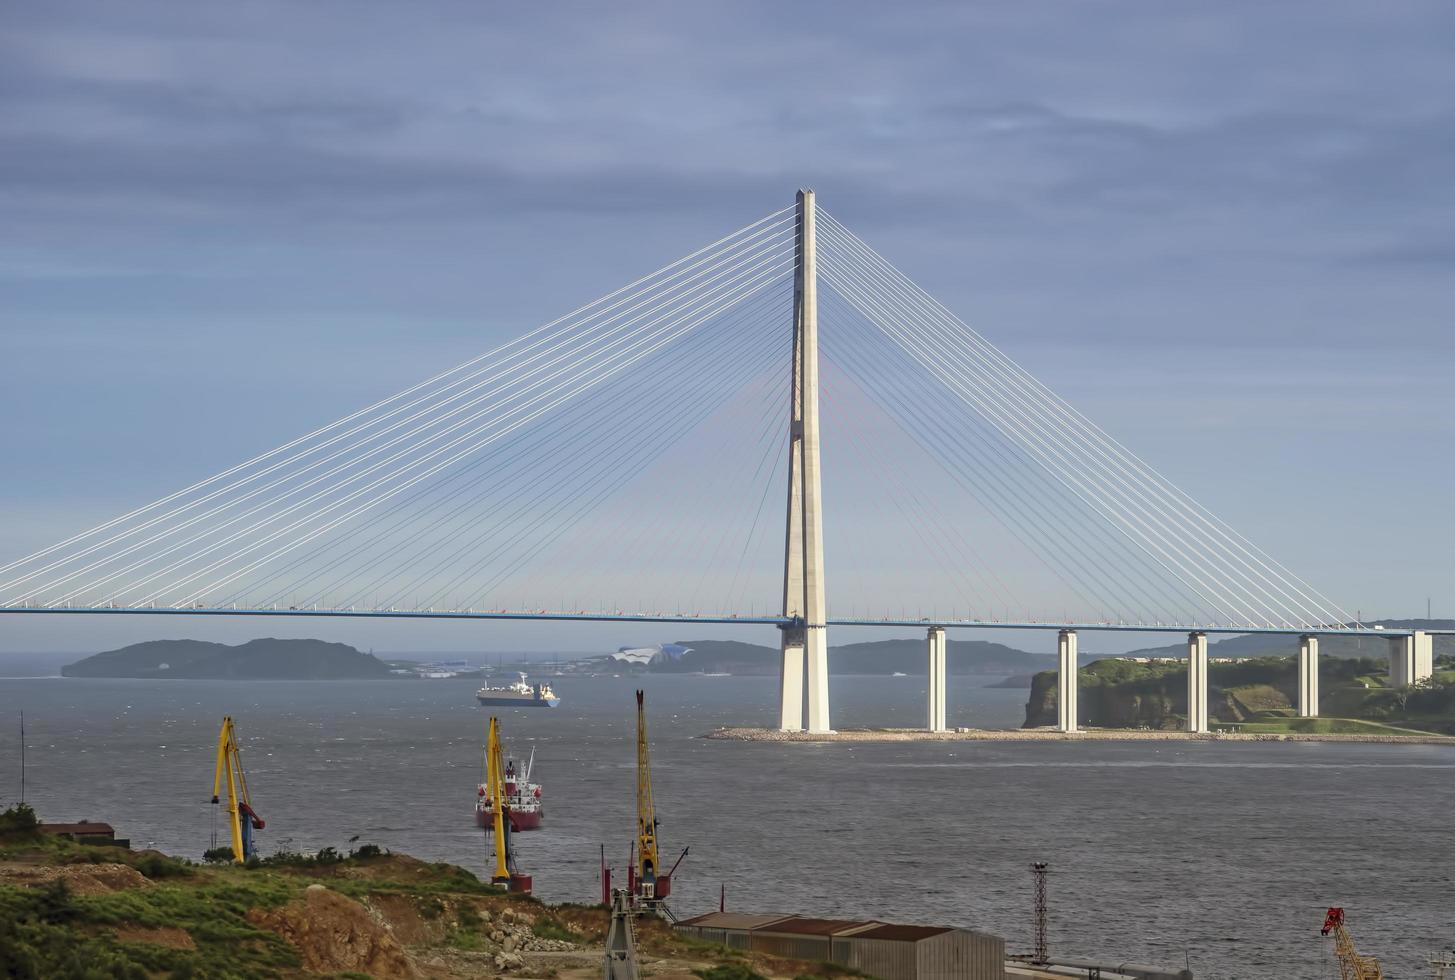 zeegezicht met uitzicht op de bouw van de Russische brug. foto